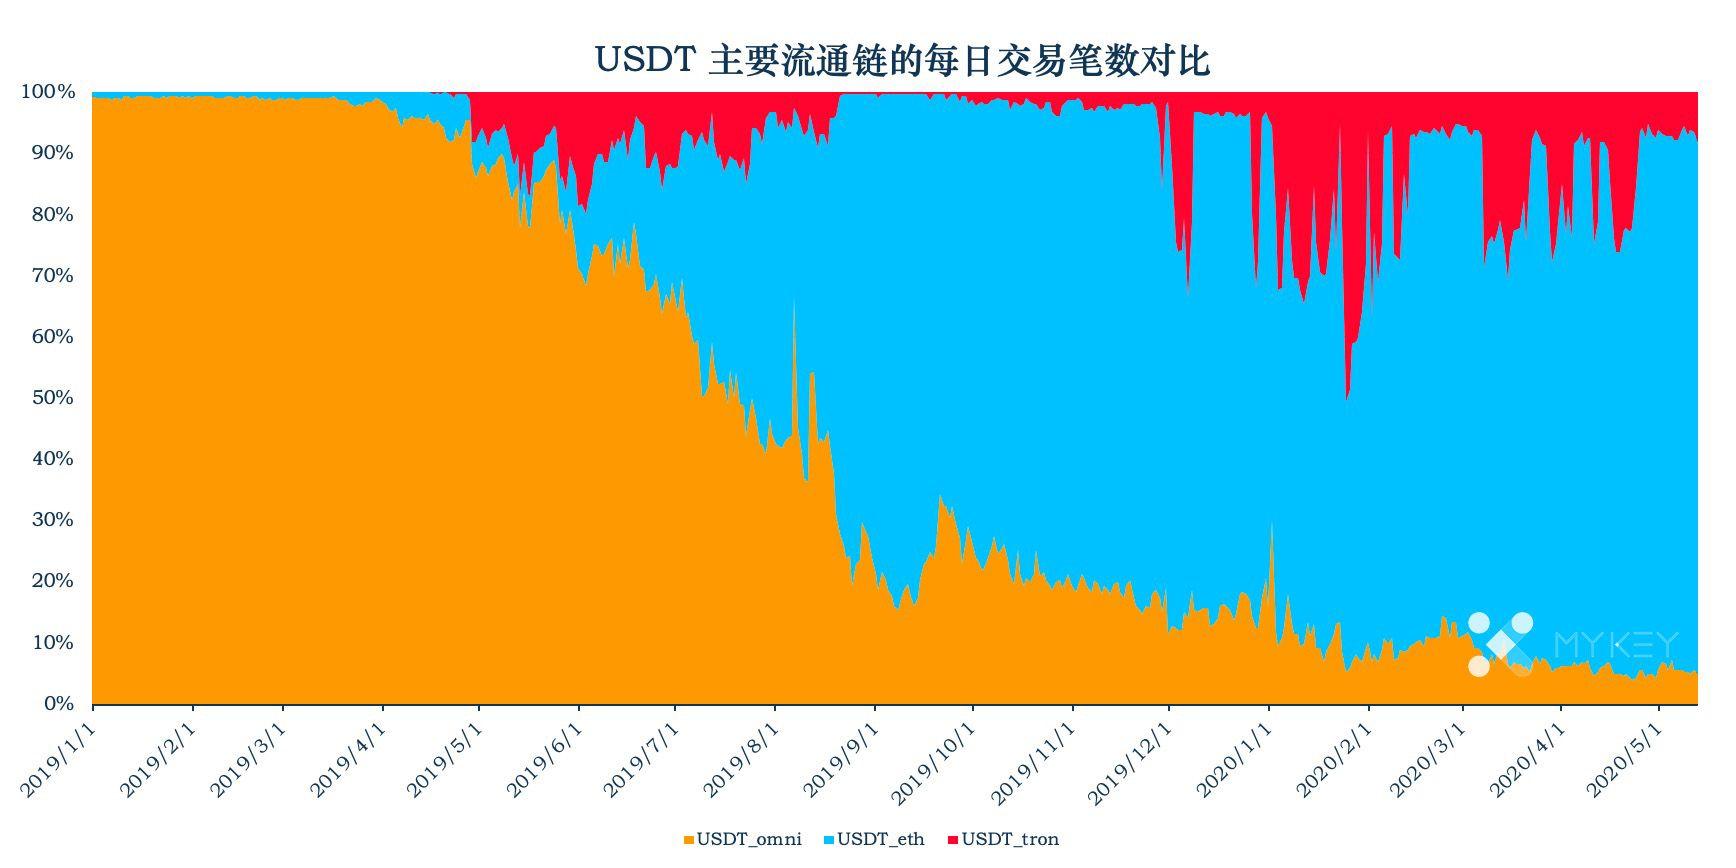 加密稳定币周报告 | 稳定币市值已过百亿,USDT继续保持高活跃度